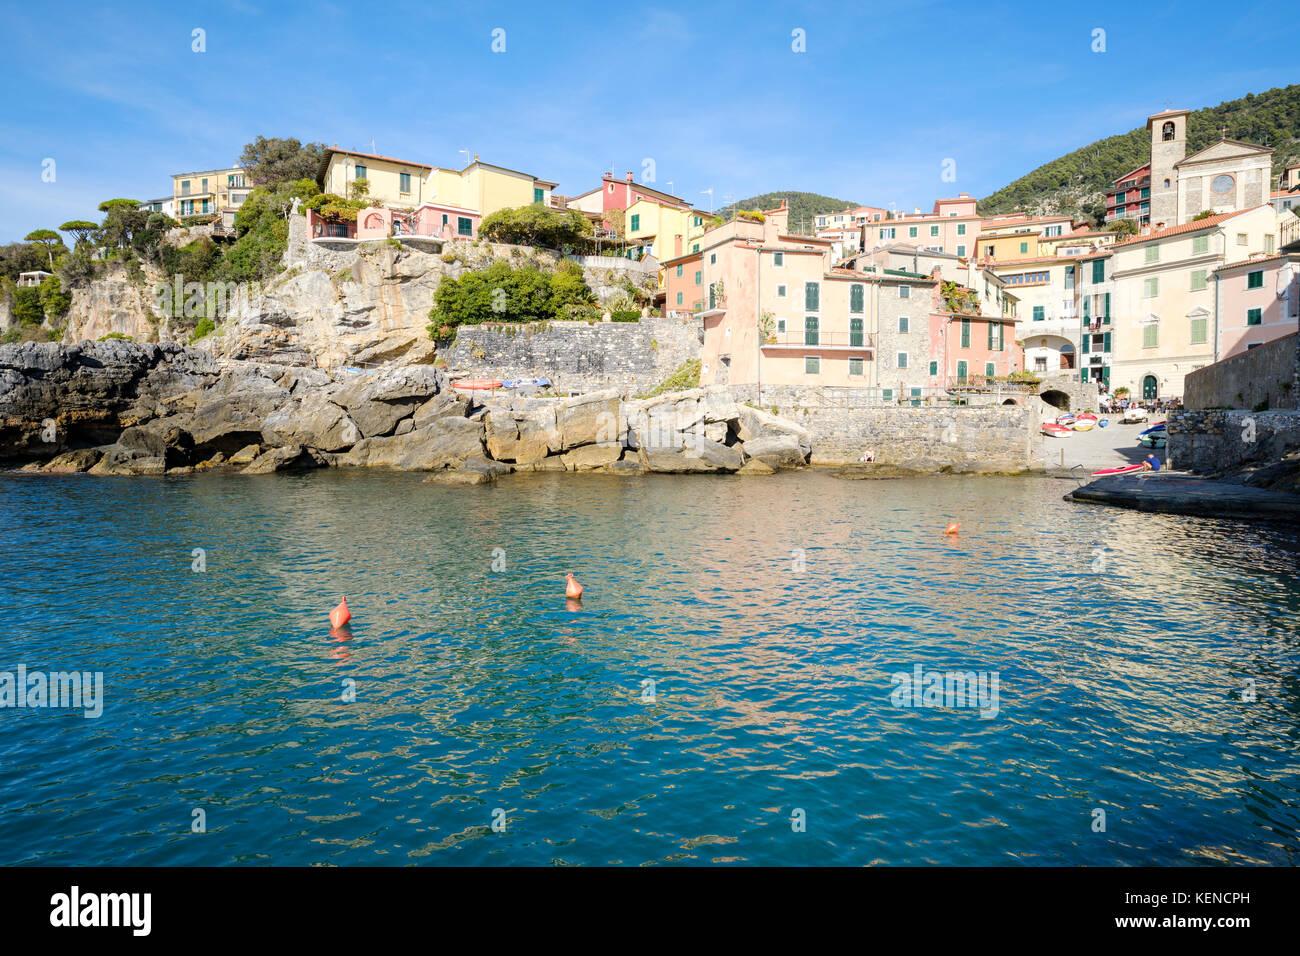 La spezia stock photos la spezia stock images alamy for Marletto arredamenti la spezia